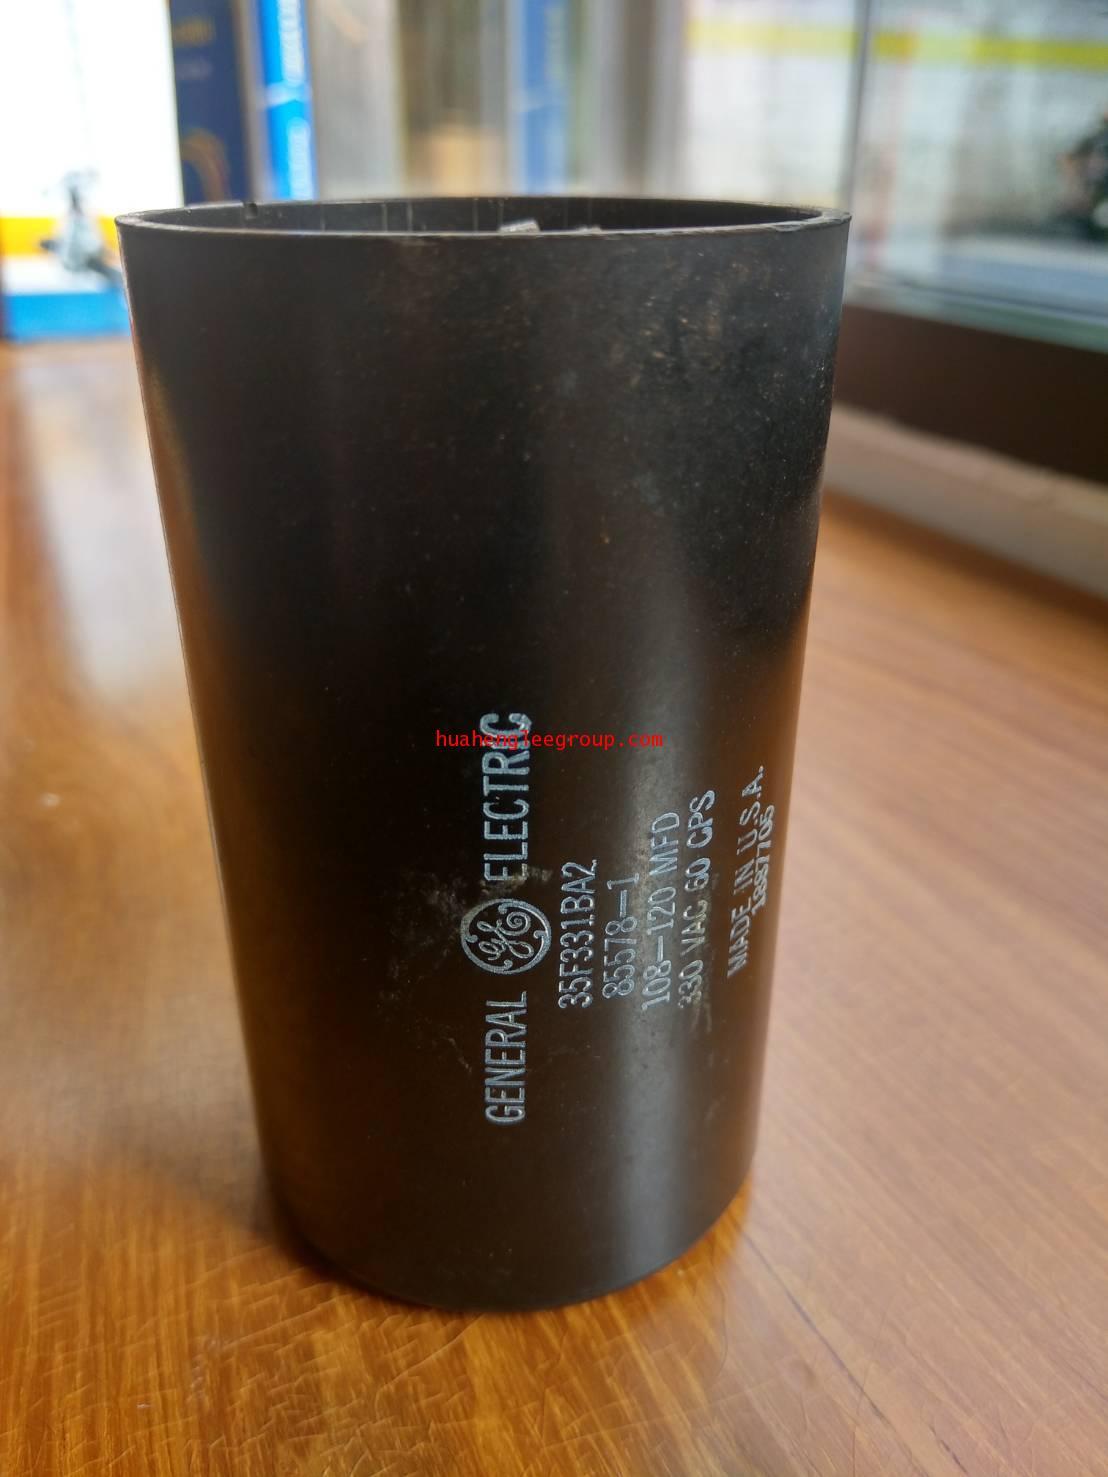 สตาร์ท คาปาซิเตอร์ - แคปสตาร์ท (ตัวพลาสติกกลม สีดำ) หัวเสียบ 108-120uF 330V \'GE\' ตัวใหญ่ (สินค้าลด